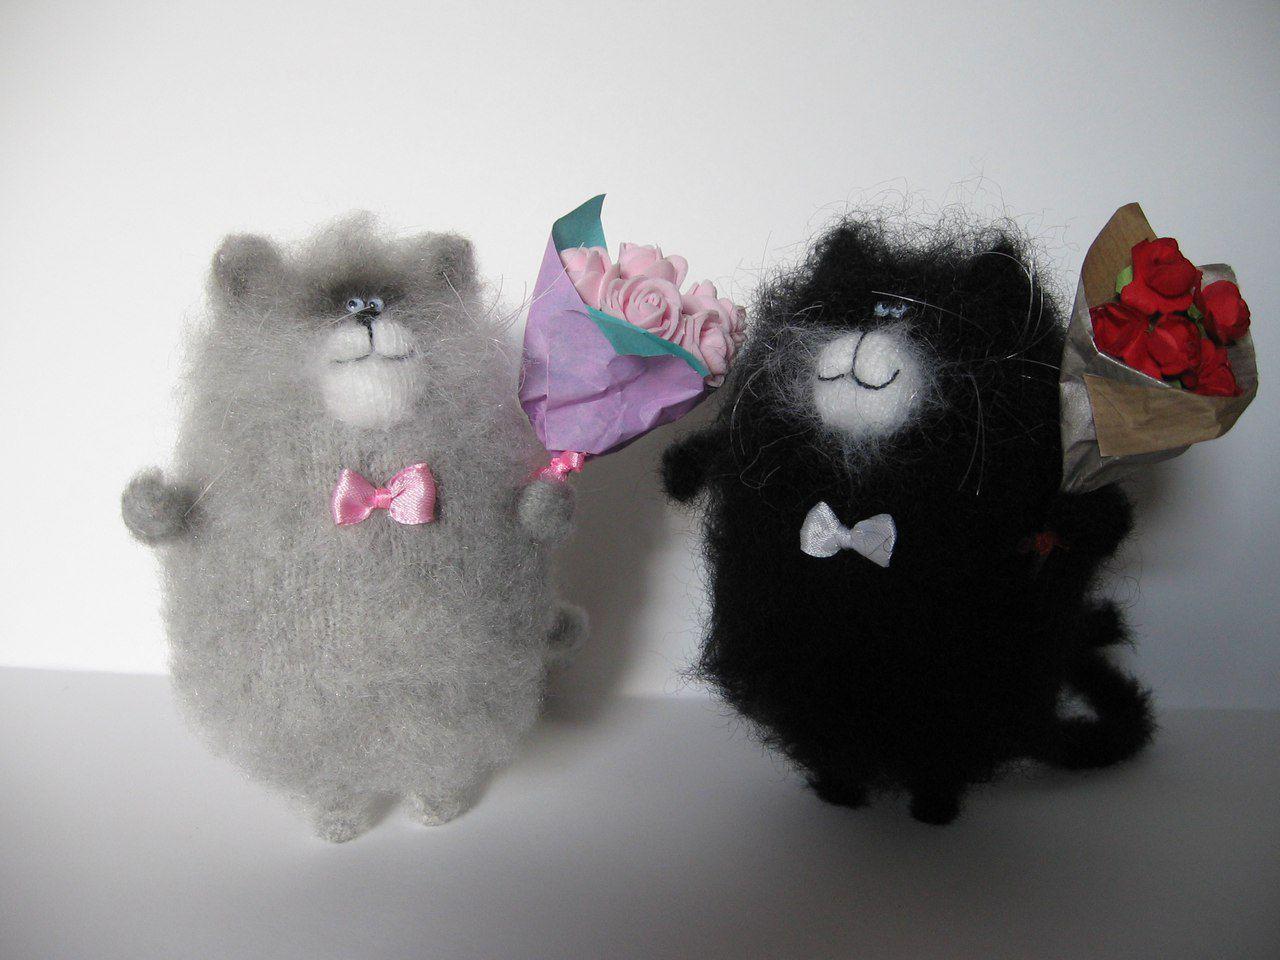 8 приятный сюрприз игрушка кот новый ручная декор праздник вязание сувенир интерьер работа год марта подарок